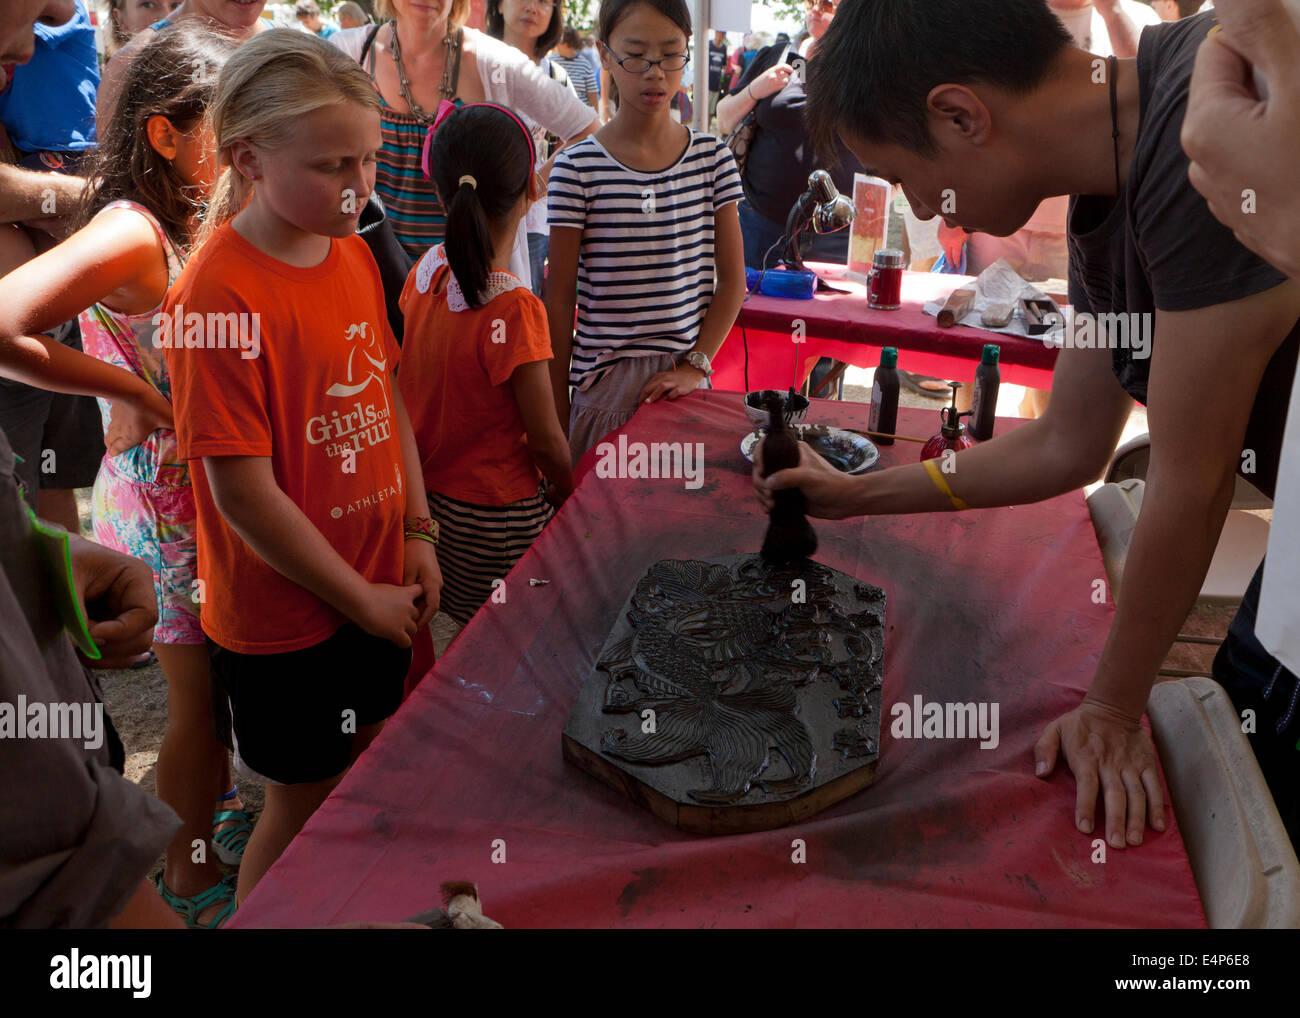 Man demonstrating Chinese woodblock printing at cultural festival - USA - Stock Image